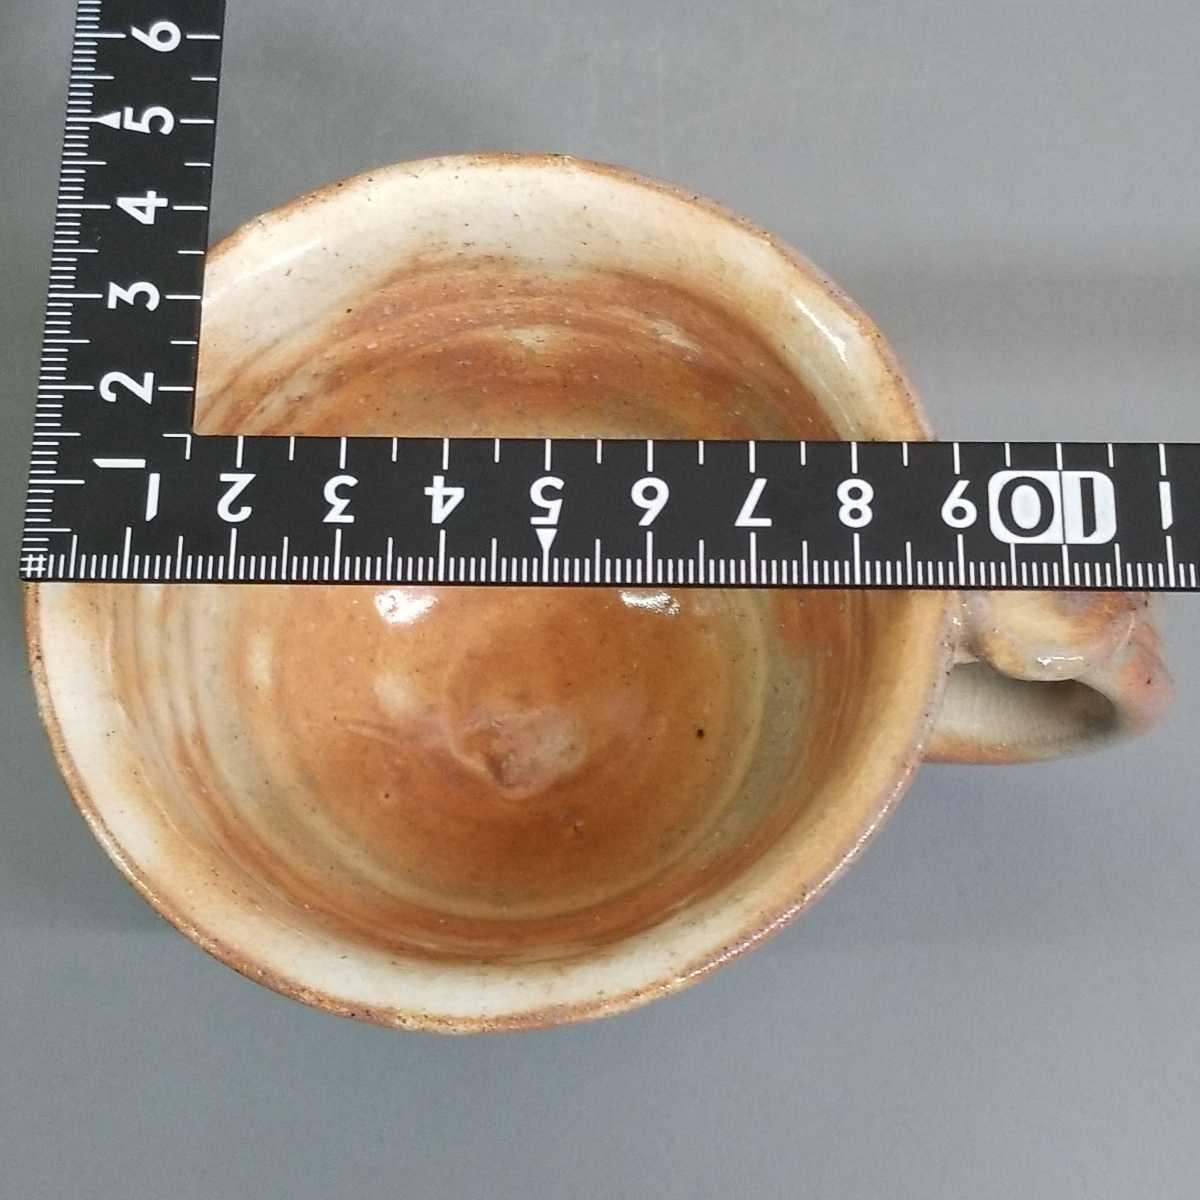 尚49)萩焼 渋谷泥詩 見島コーヒーカップ マグカップ 珈琲器 茶器 未使用新品 同梱歓迎_画像8